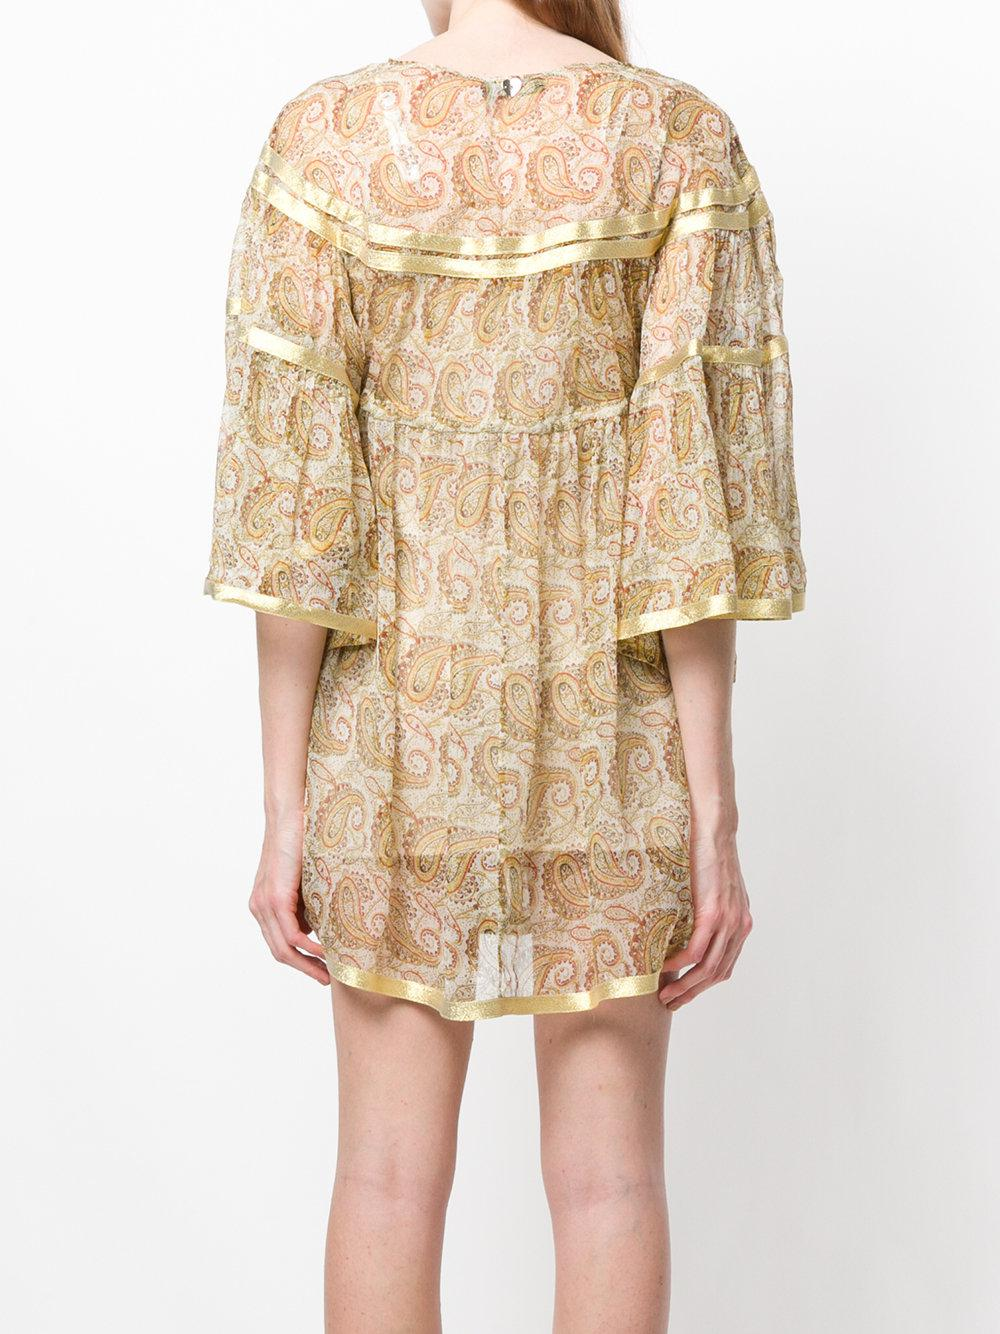 3/4 sleeve empire baby doll dress - Multicolour Twin-Set PbrGtId2Av